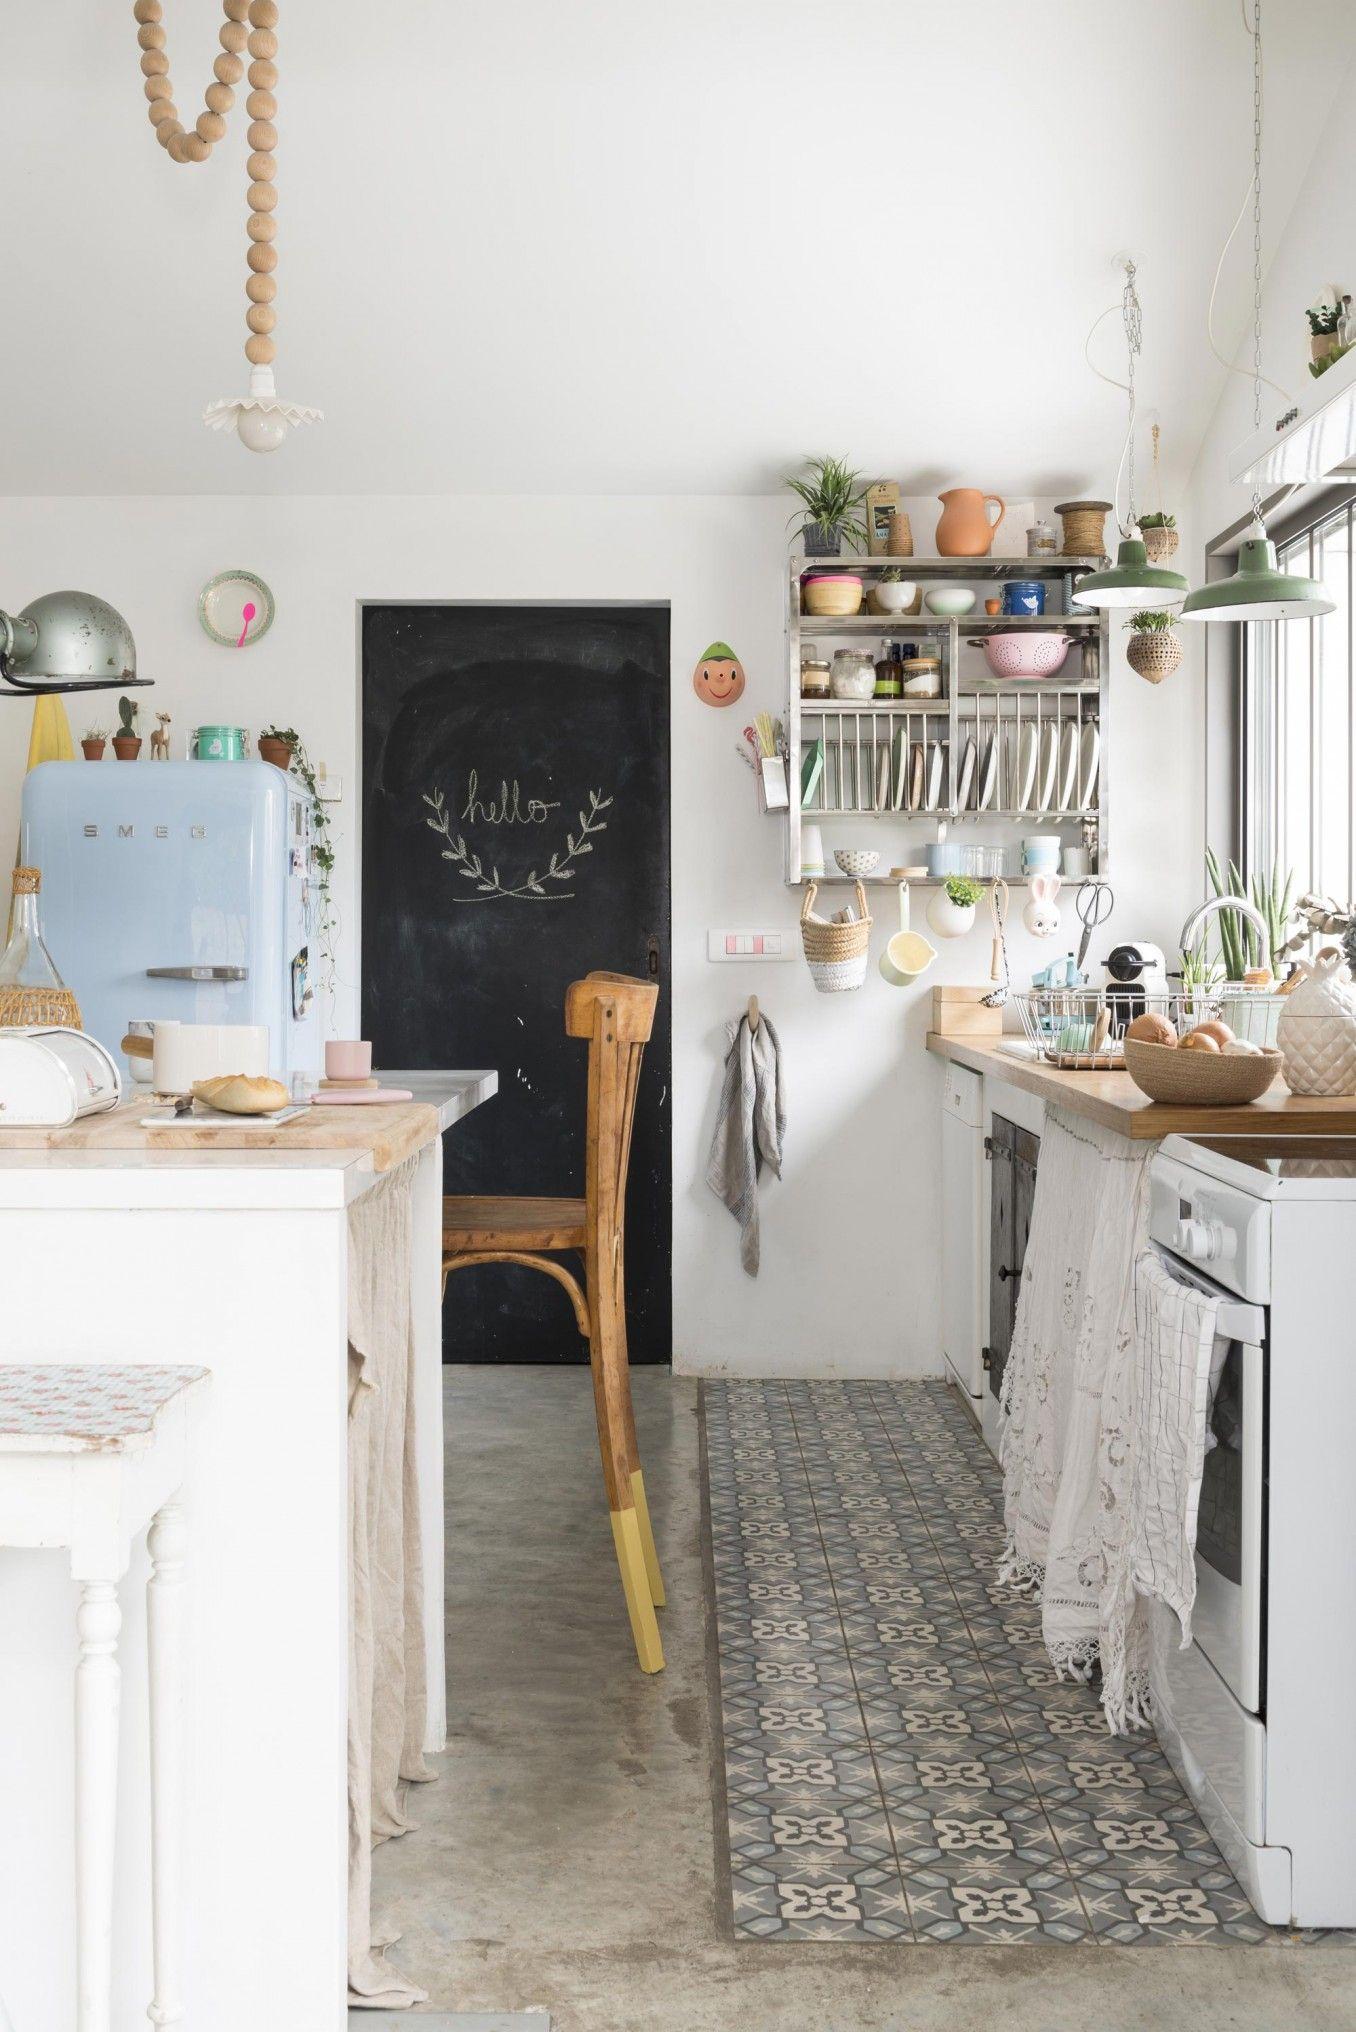 zementfliesen in der küche | interior | zementfliesen in 2018